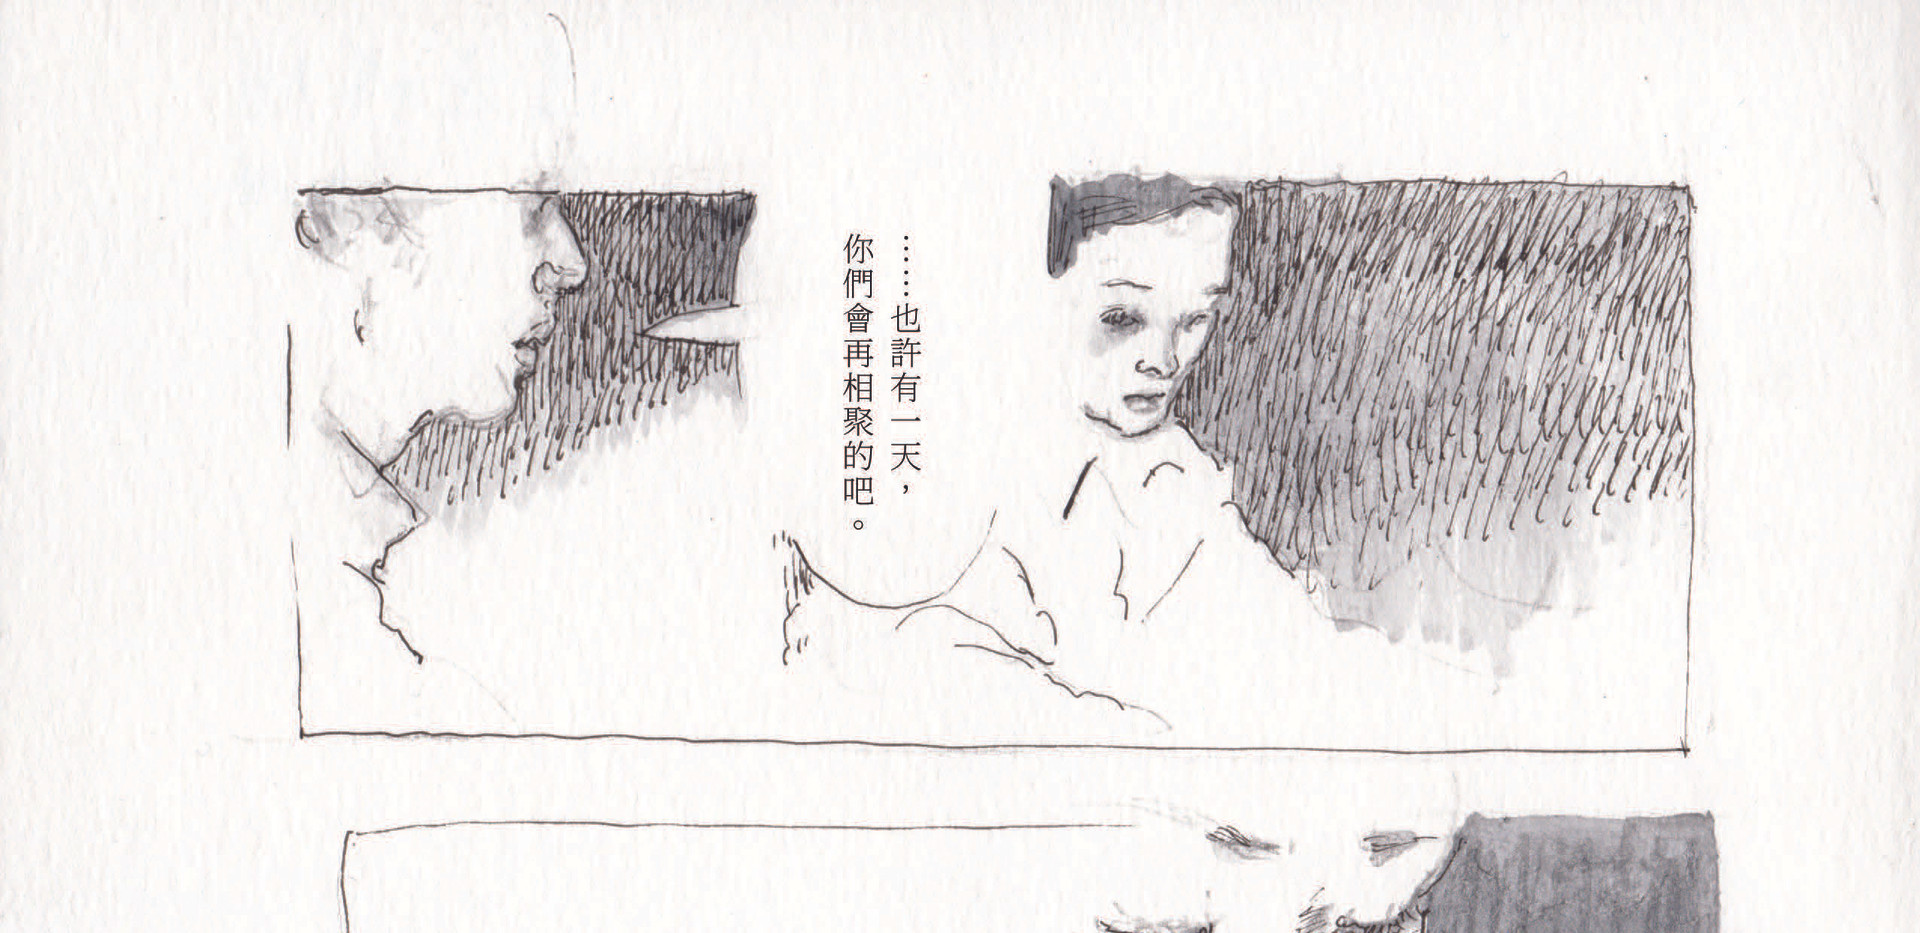 港邊惜別 / Love Story, Love Song p.14